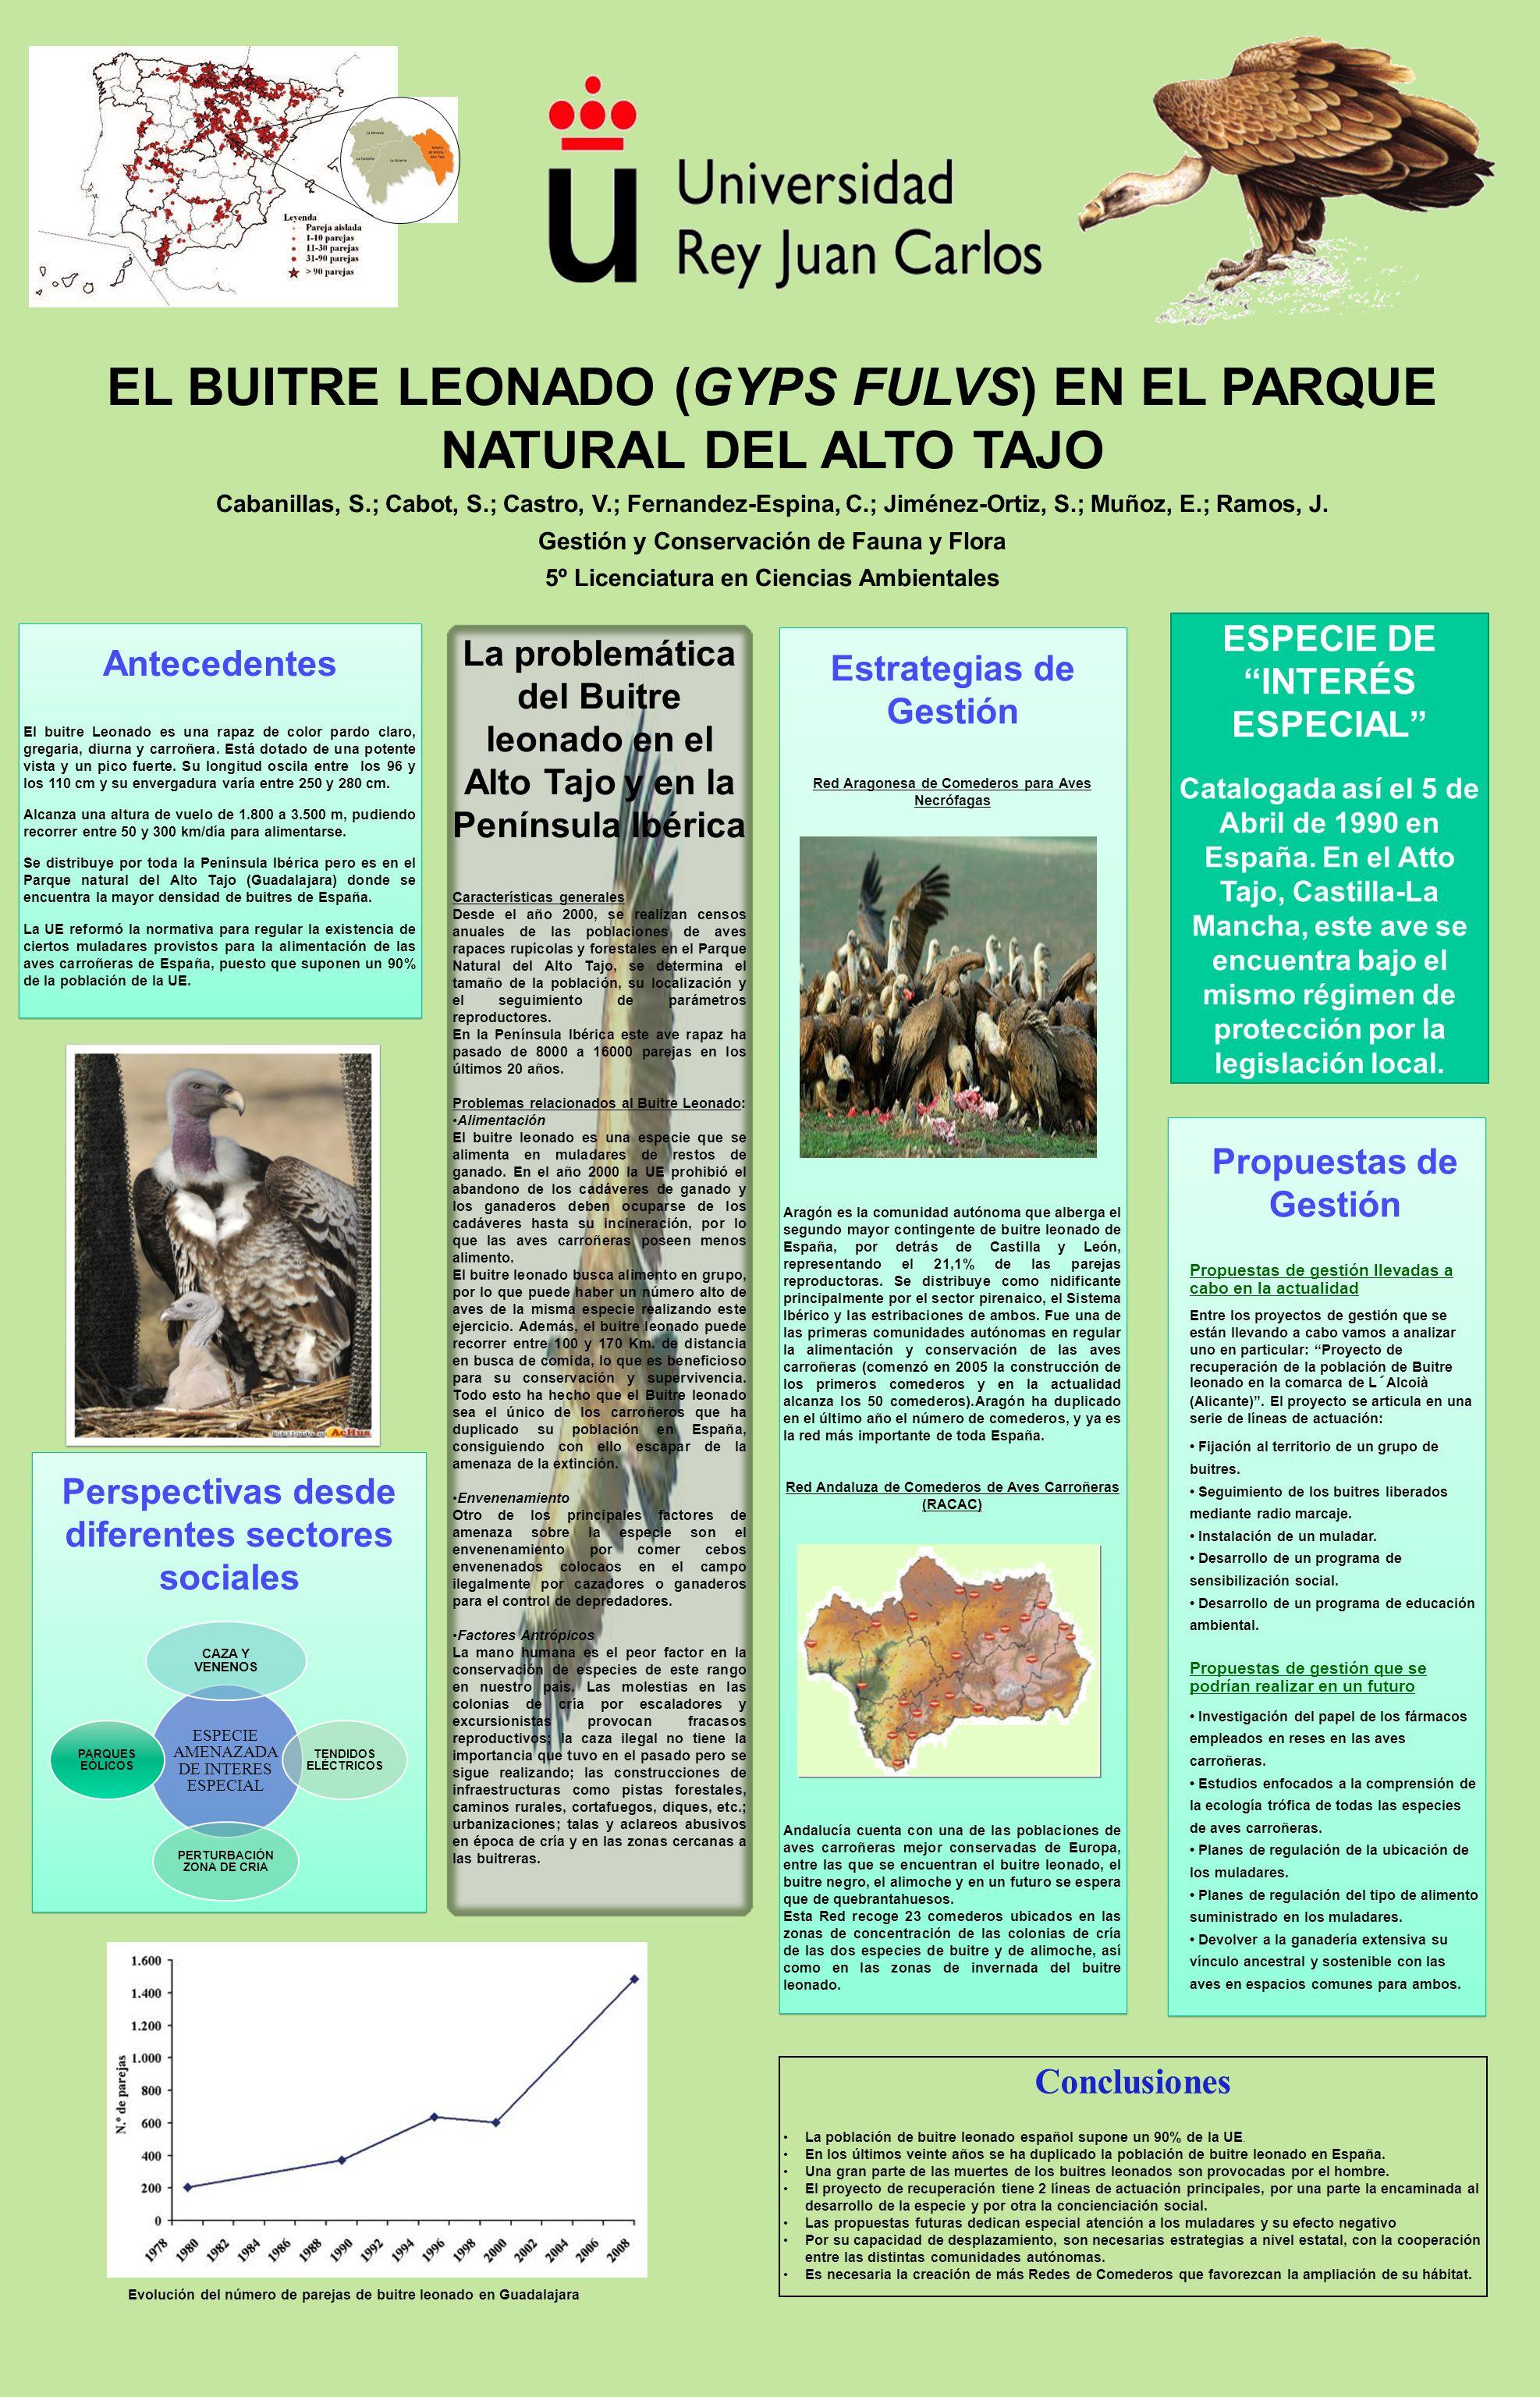 EL BUITRE LEONADO (GYPS FULVS) EN EL PARQUE NATURAL DEL ALTO TAJO Cabanillas, S.; Cabot, S.; Castro, V.; Fernandez-Espina, C.; Jiménez-Ortiz, S.; Muño